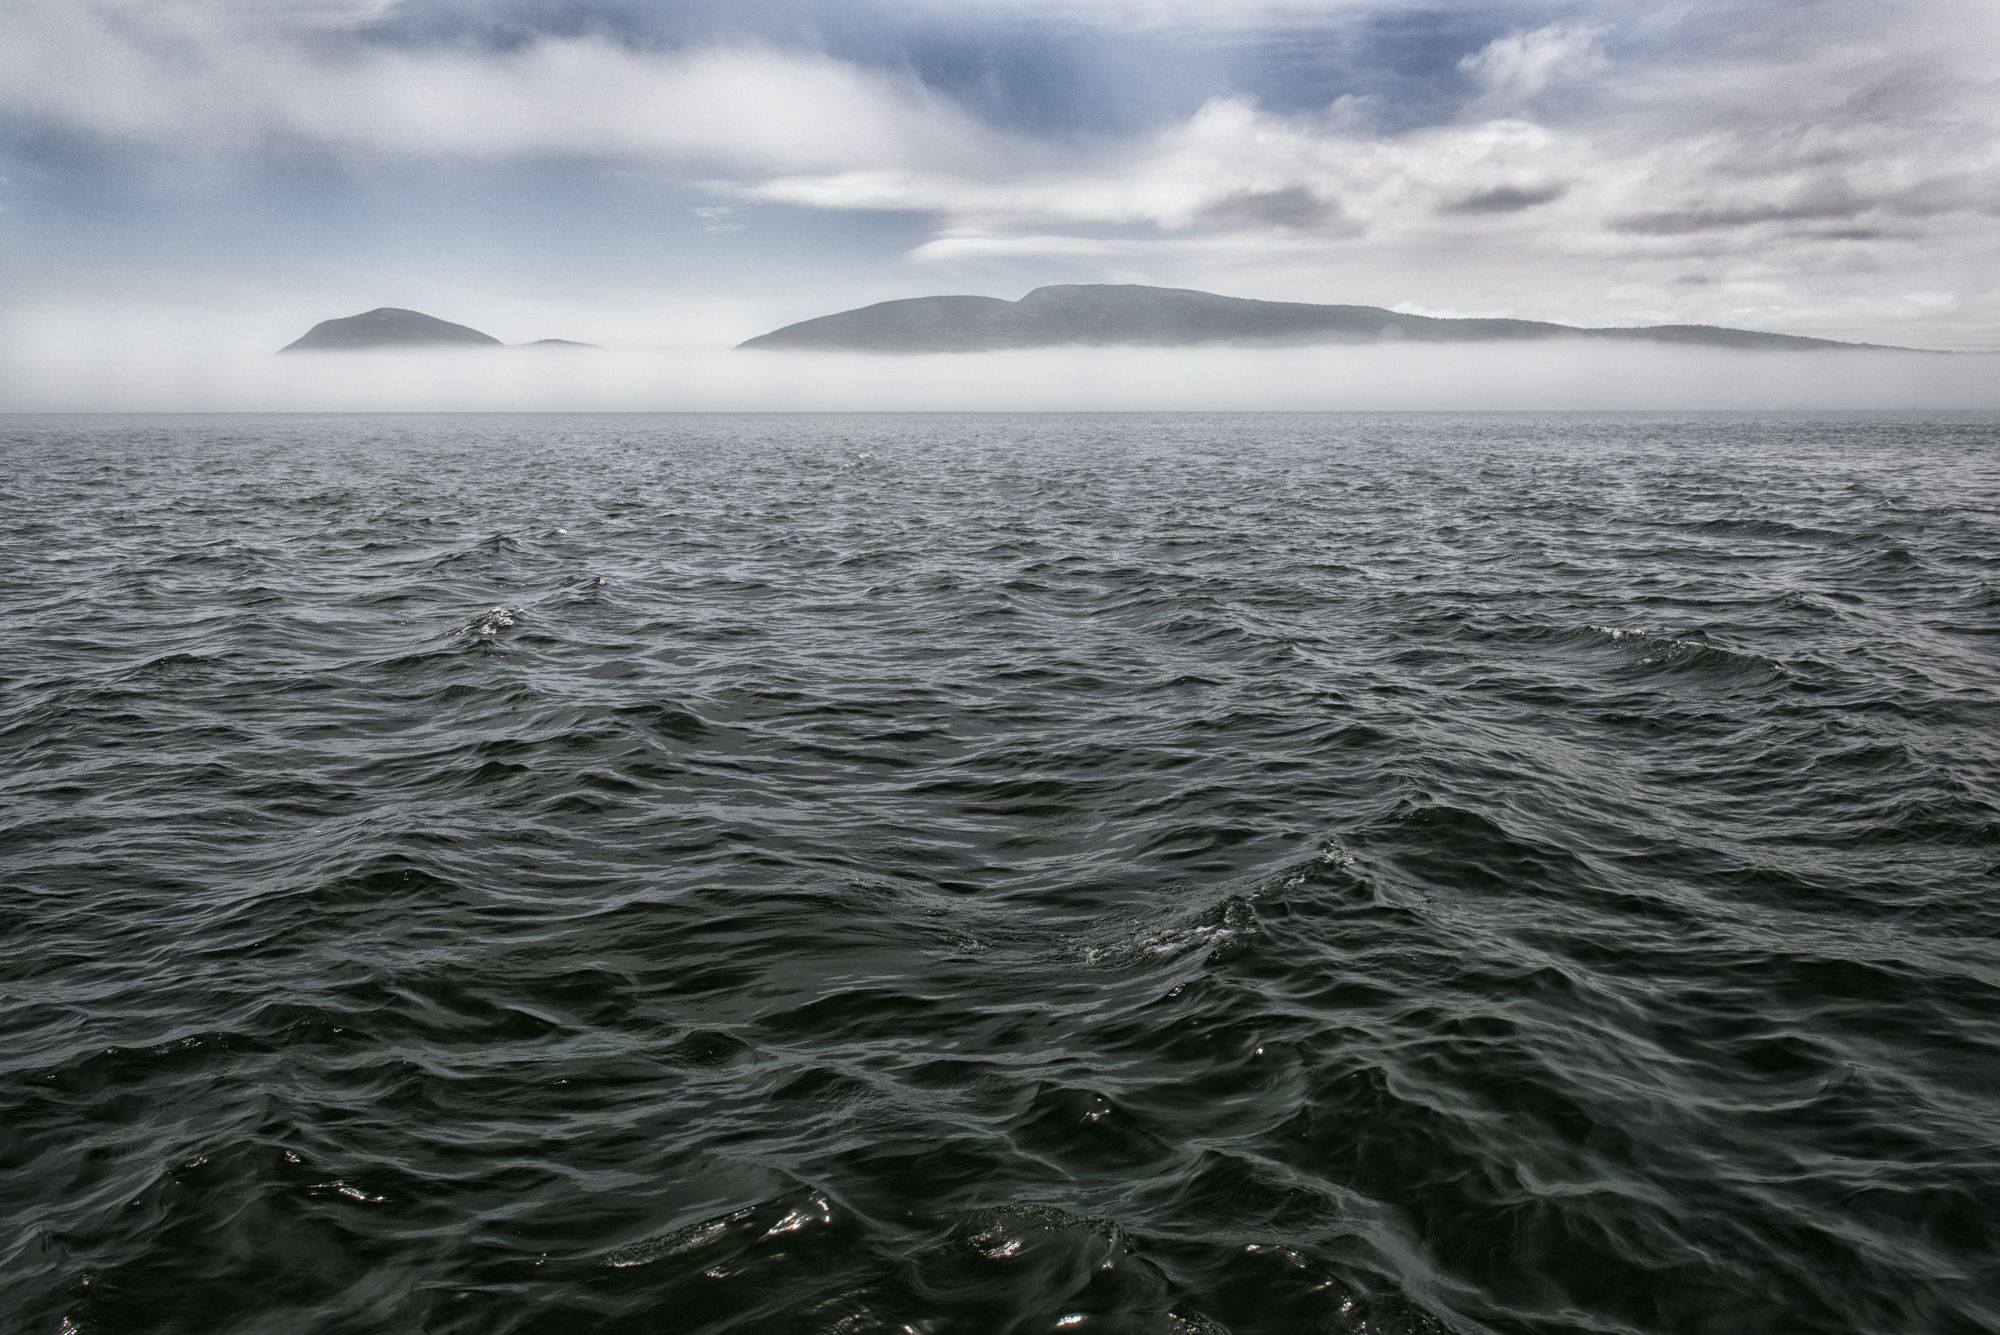 Bar Harbor Fog Bank - Final Image, after Nik Color Effects Pro